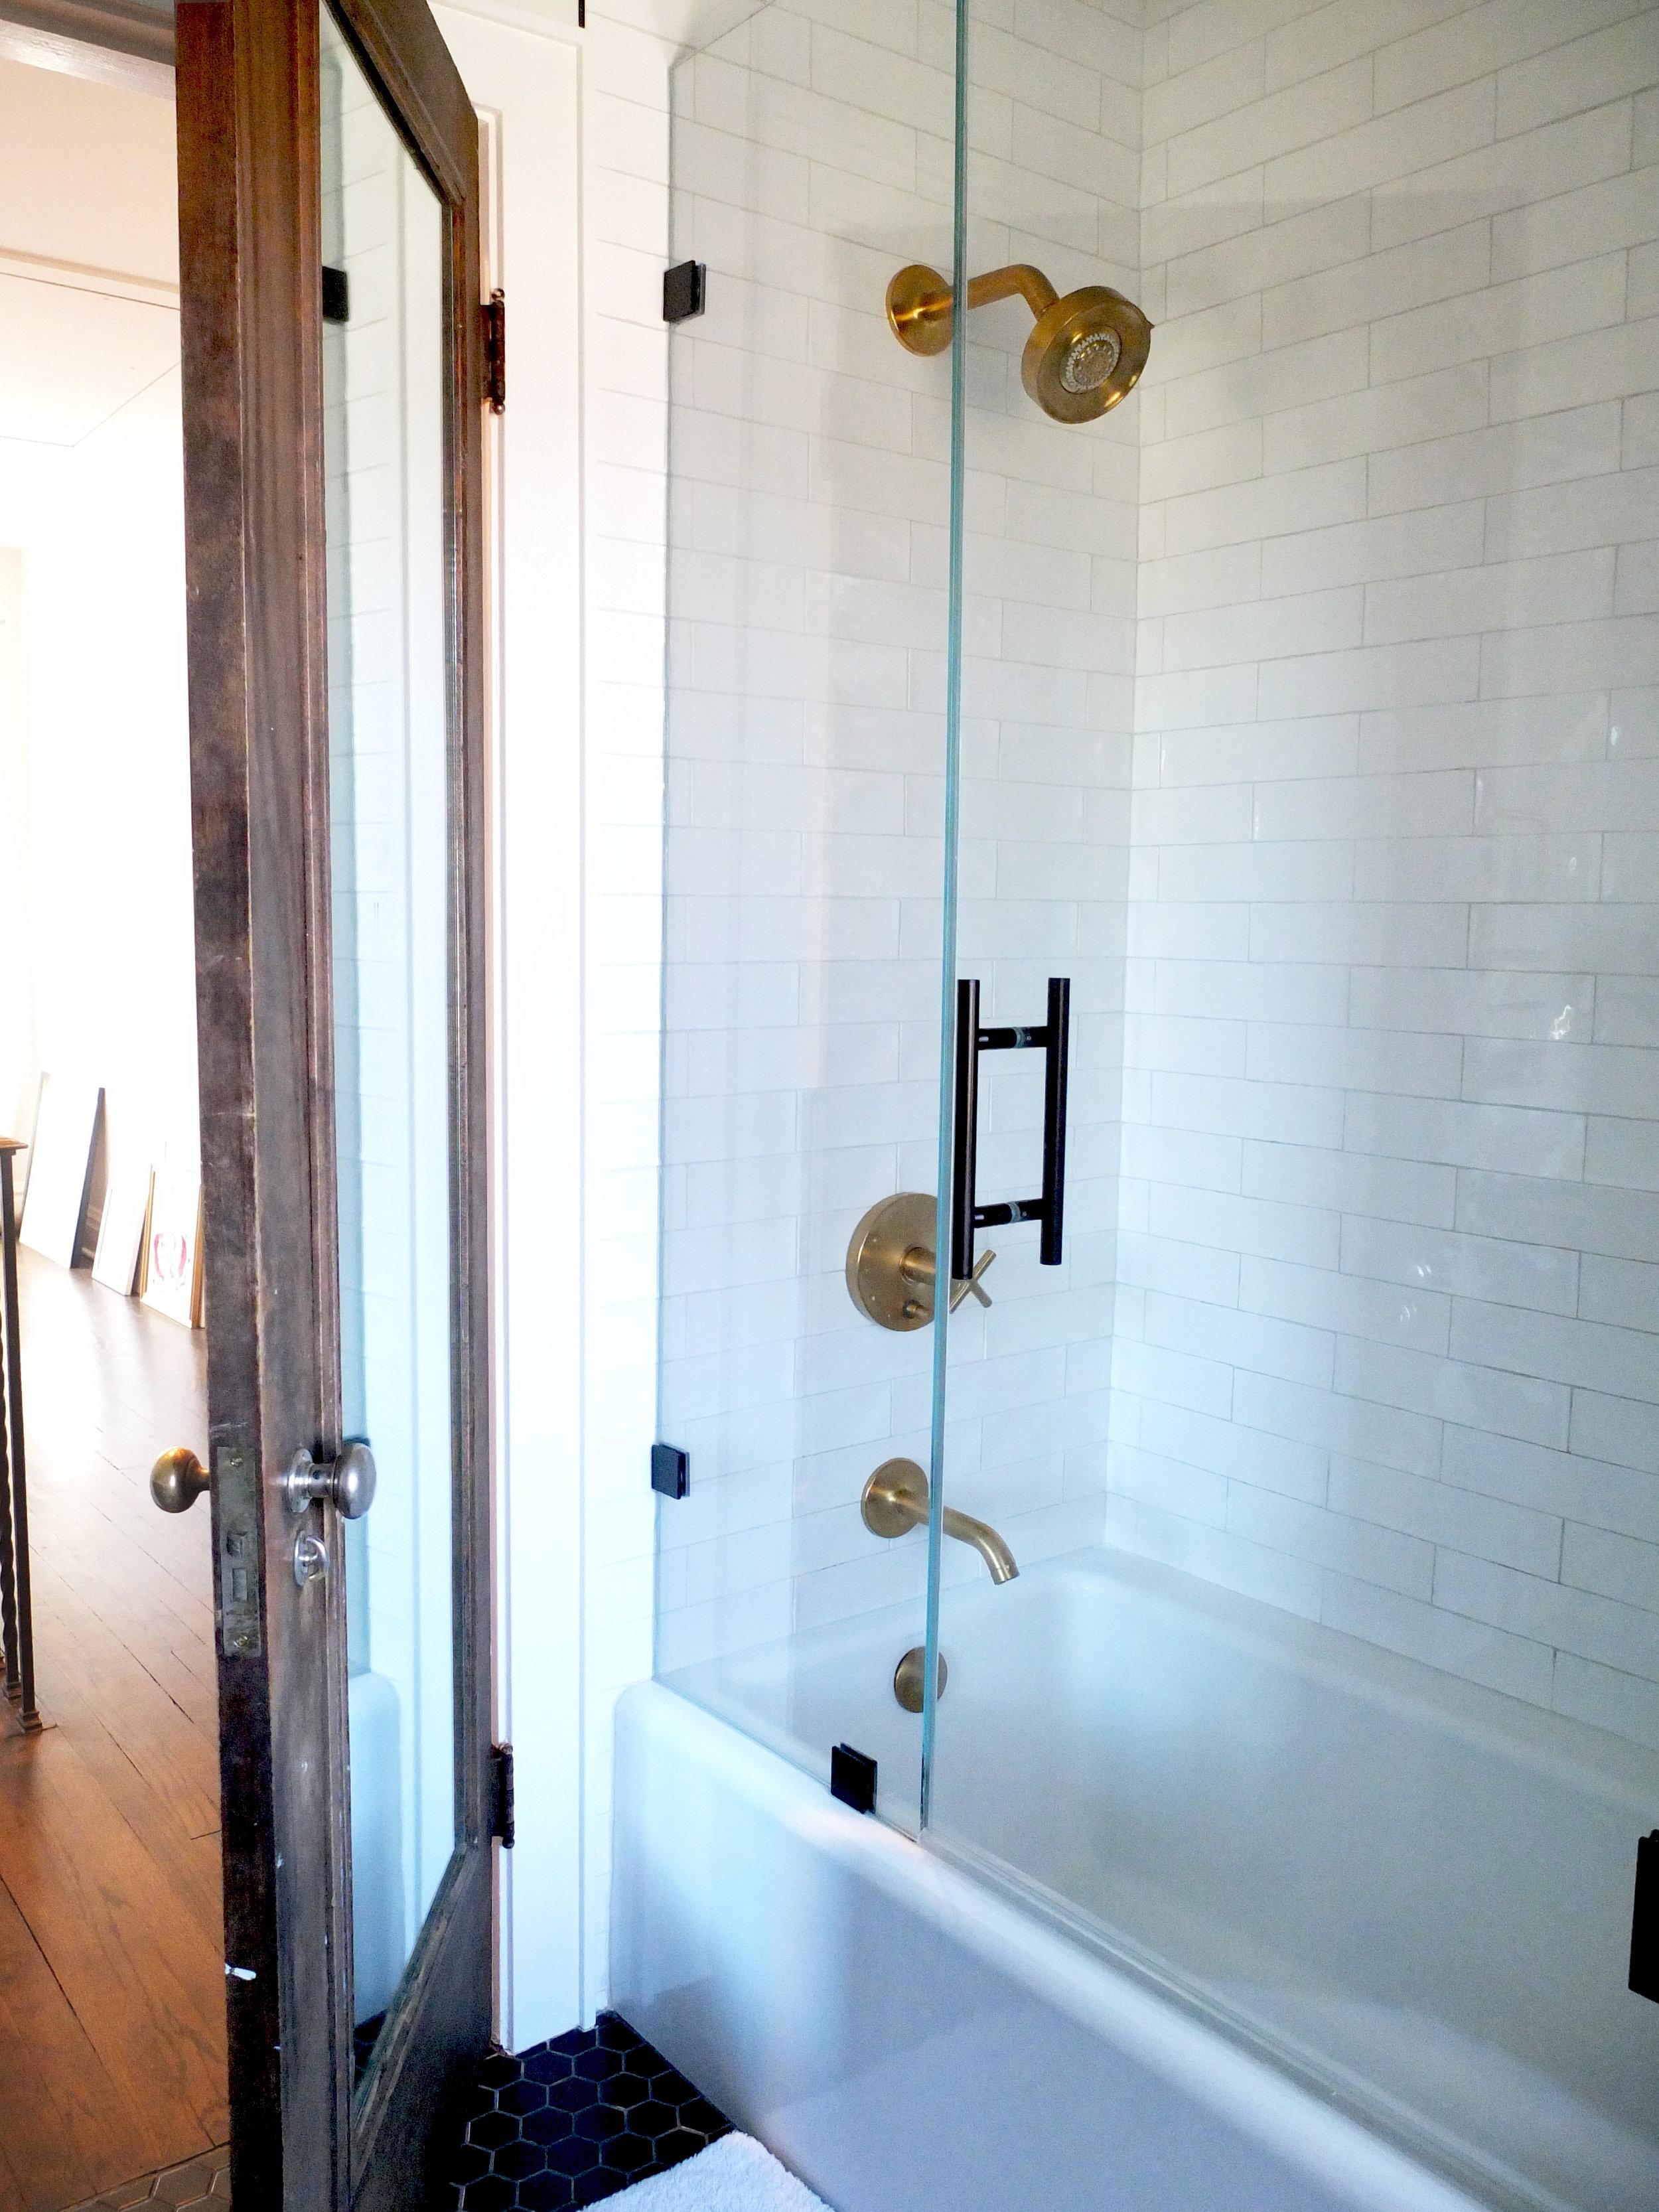 Shower_DSCF0902.jpg